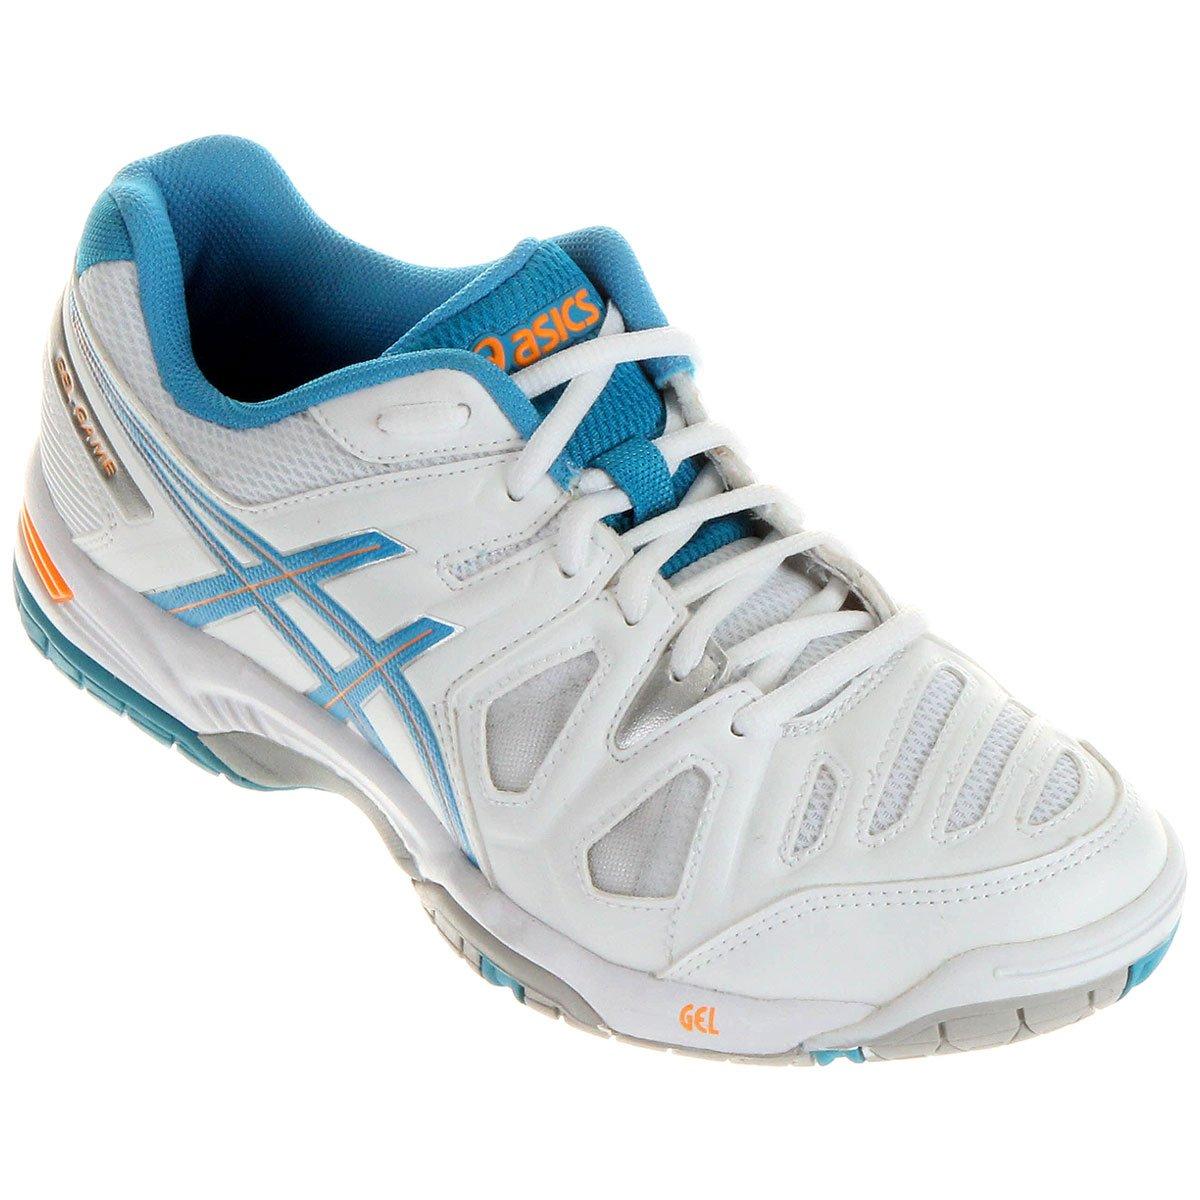 86f12e1c144a4 Tênis Asics Gel Game 5 - Compre Agora